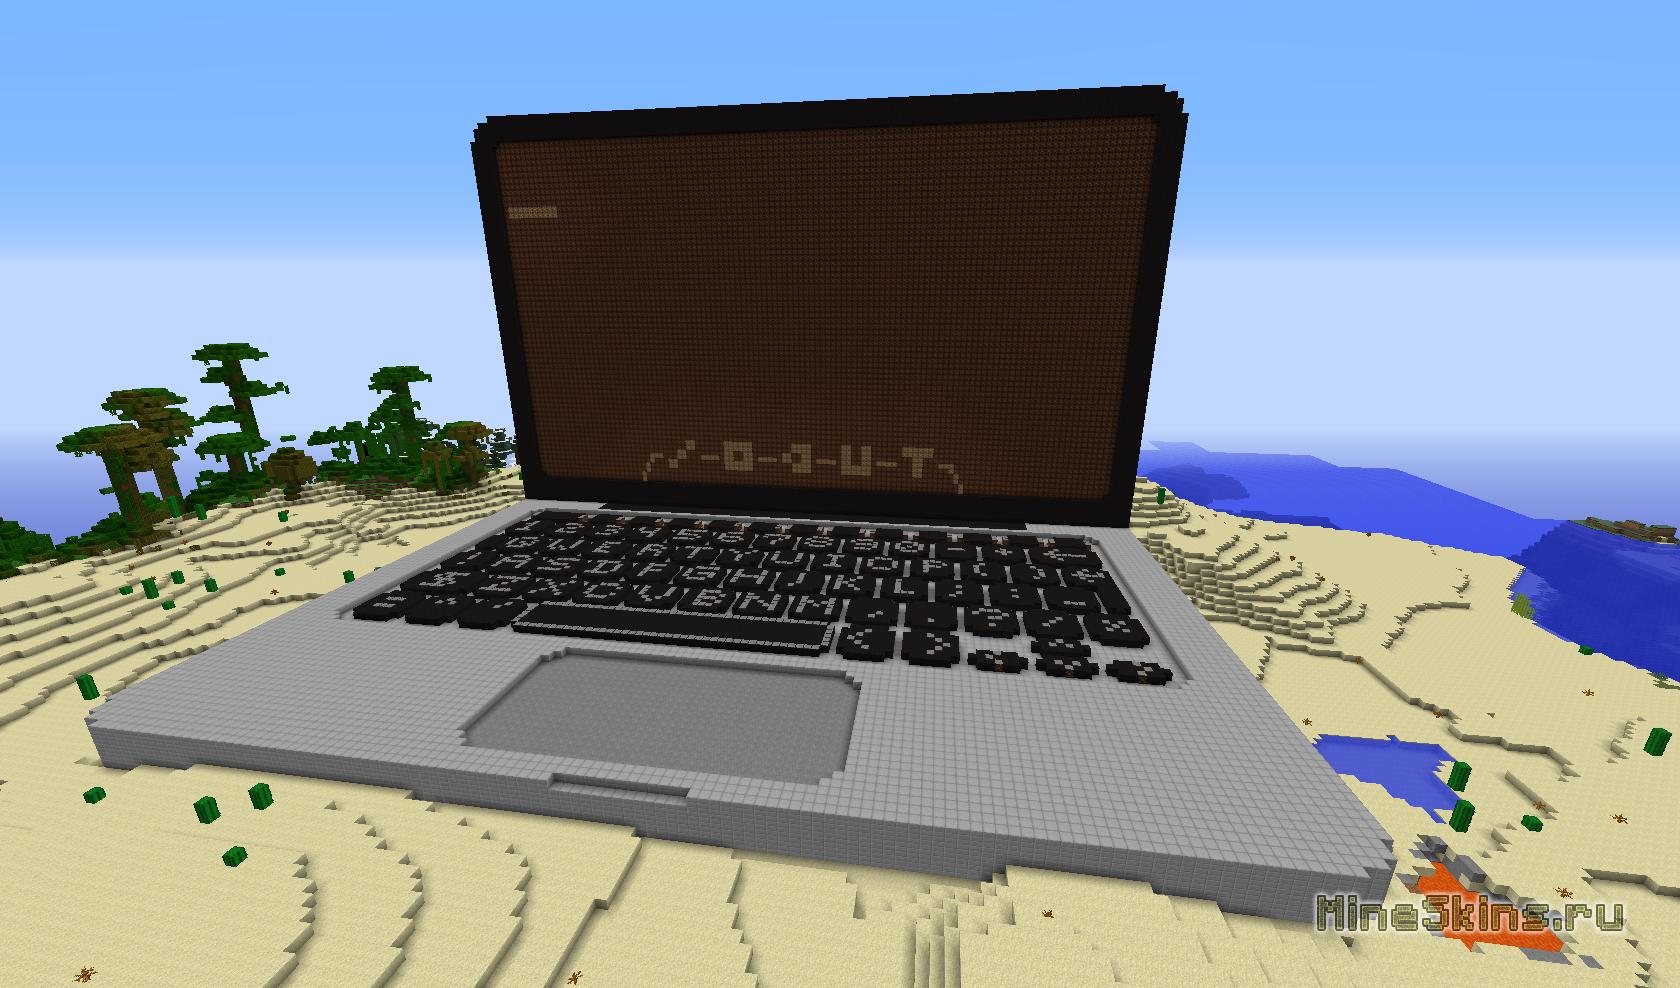 Minecraft macbook air 13 - 34